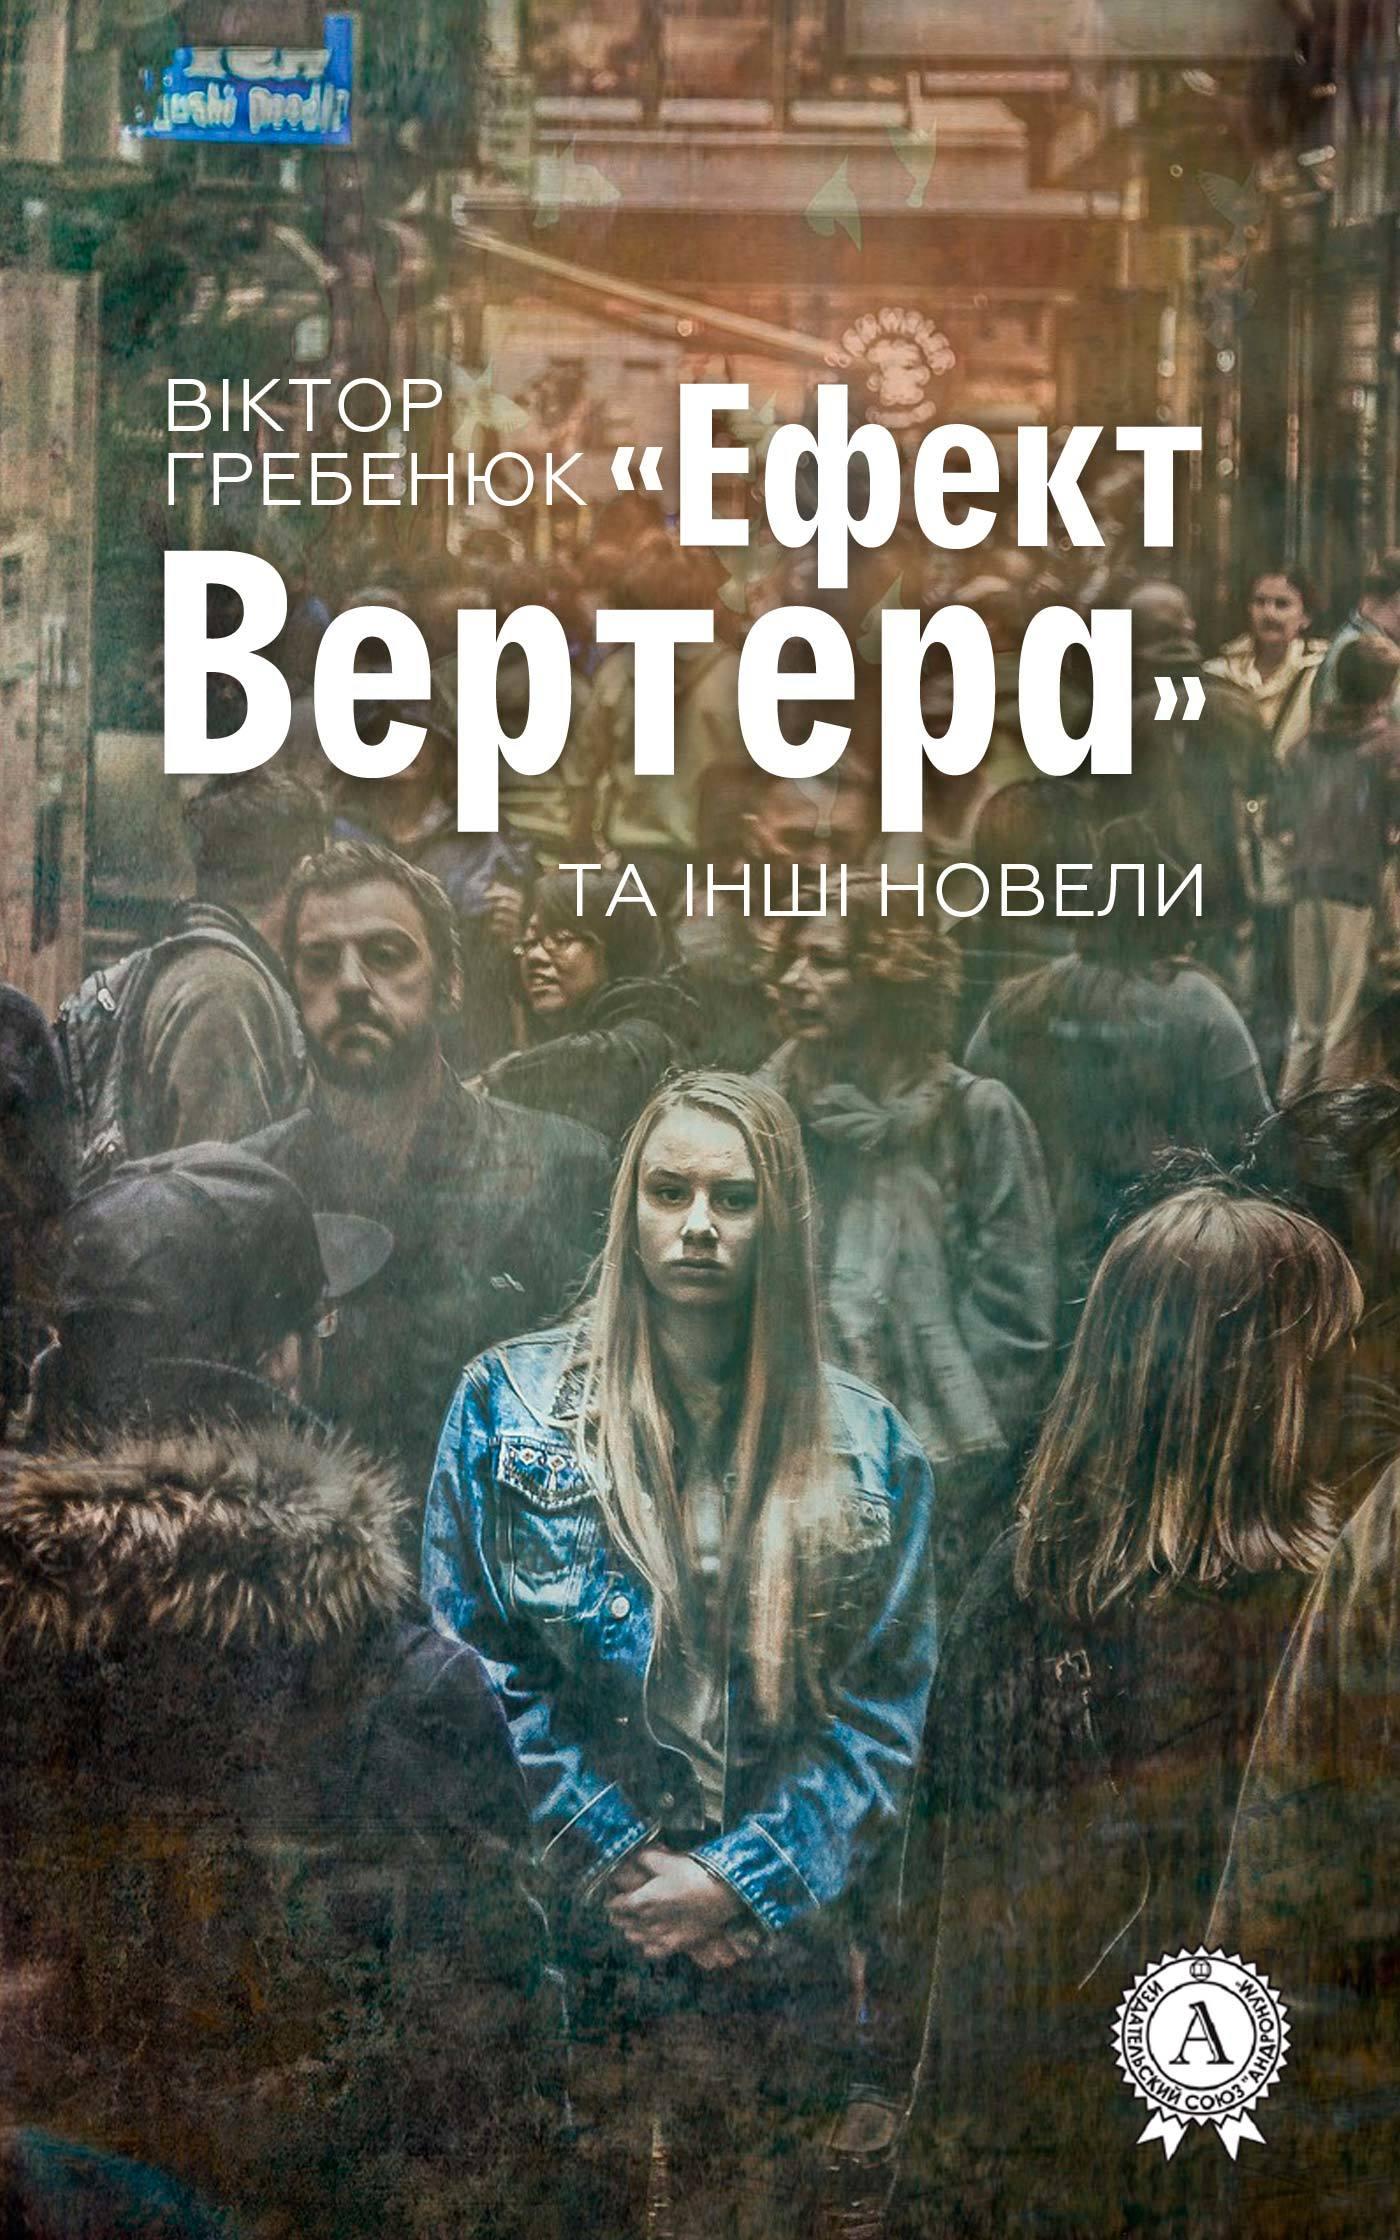 Віктор Гребенюк «Ефект Вертера» та інші новели сергій жадан біг мак та інші історії